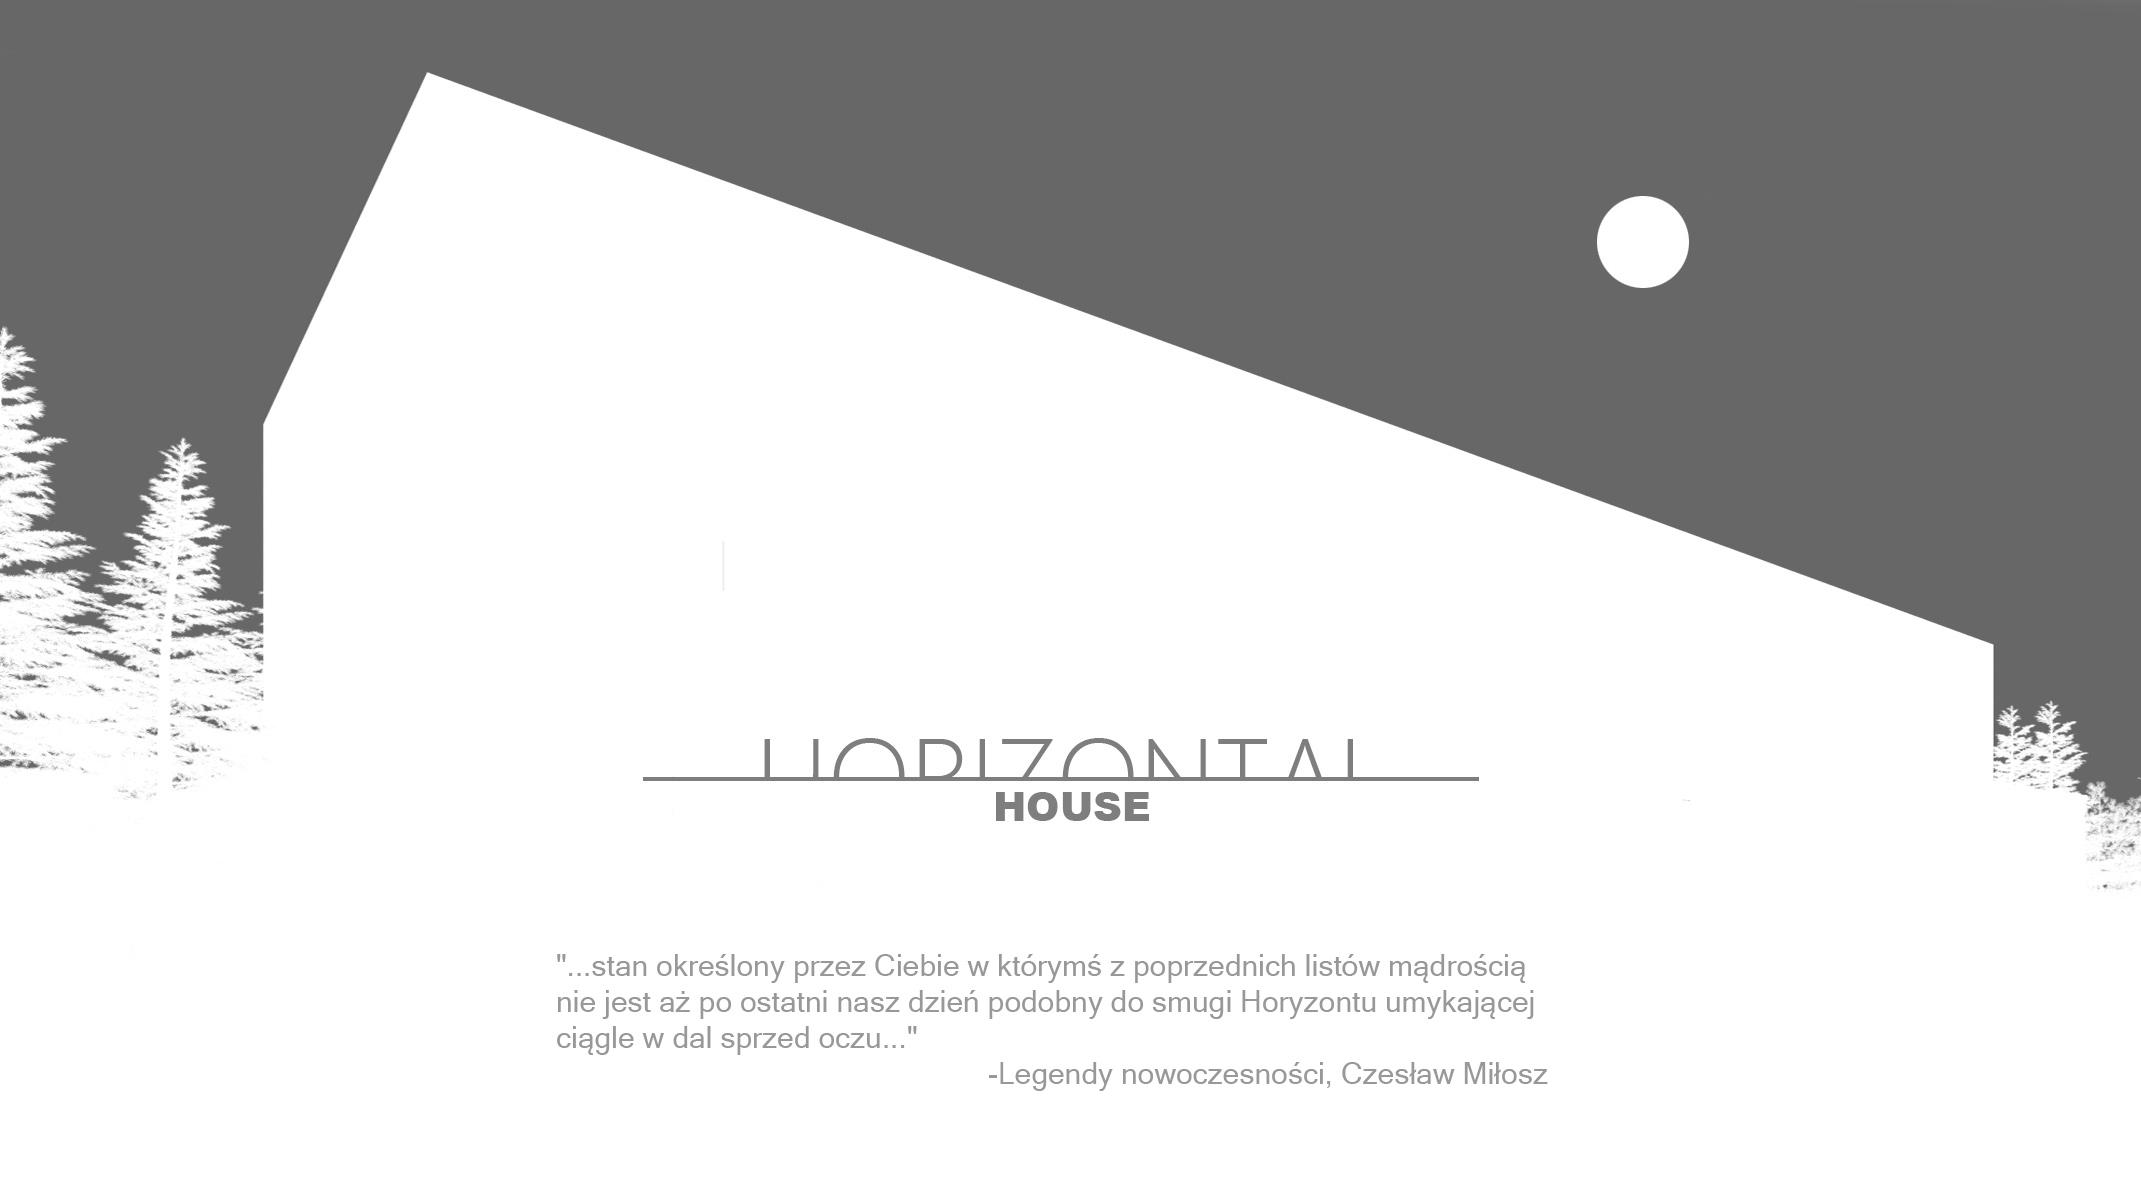 """Horizontal House - cytat """"Legendy nowoczesności"""", Czesław Miłosz"""